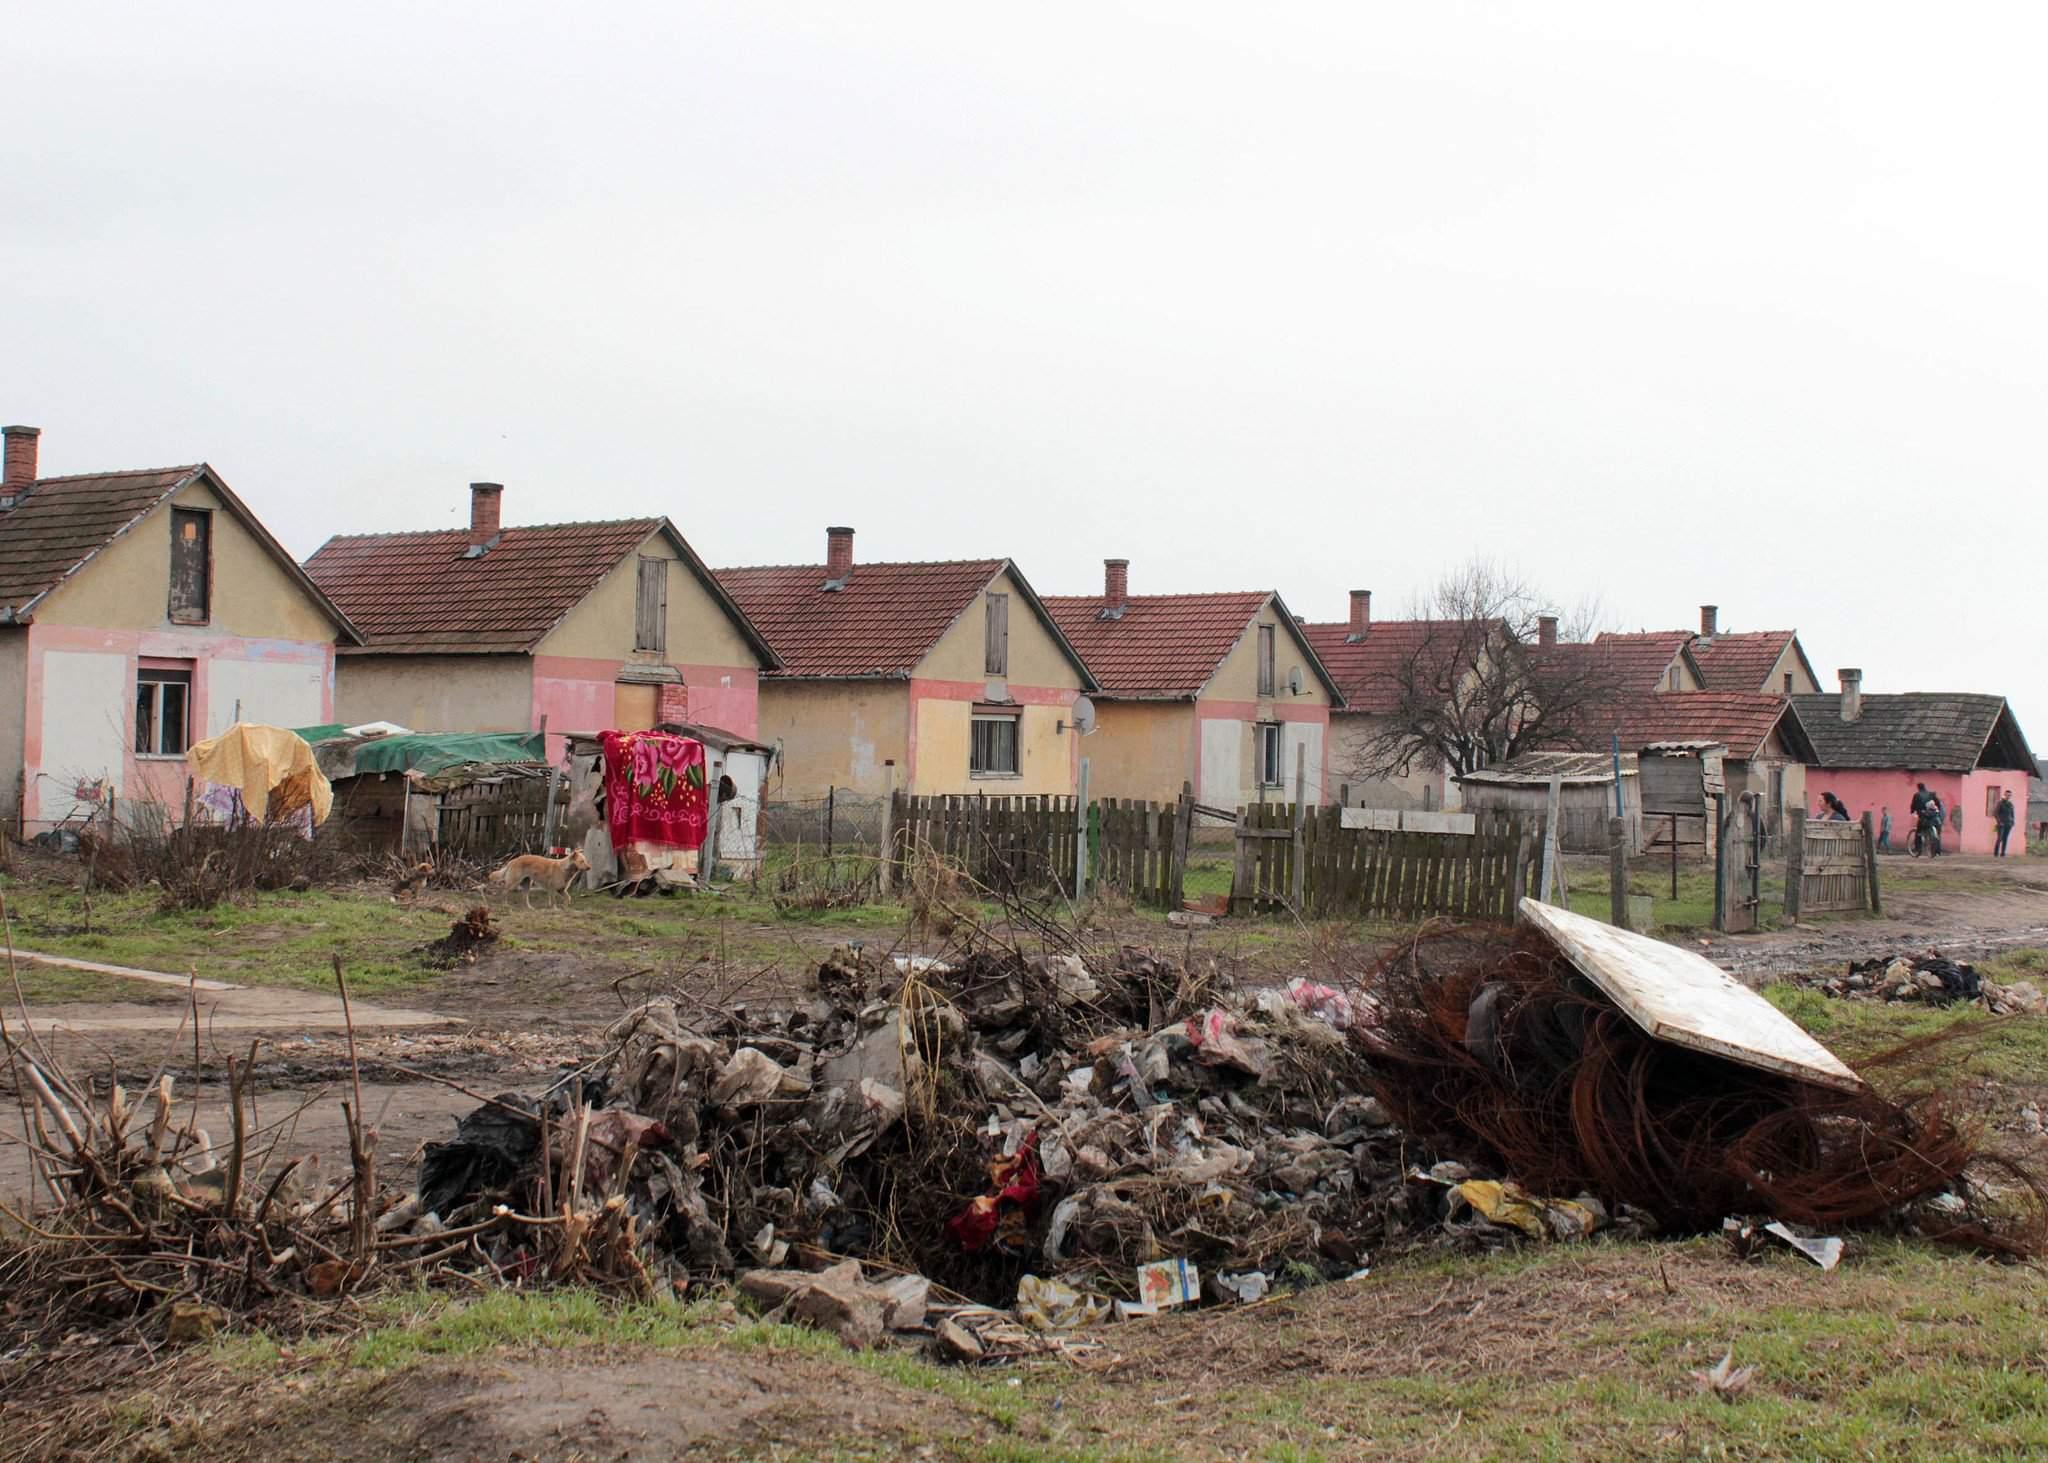 tiszavasvári roma district